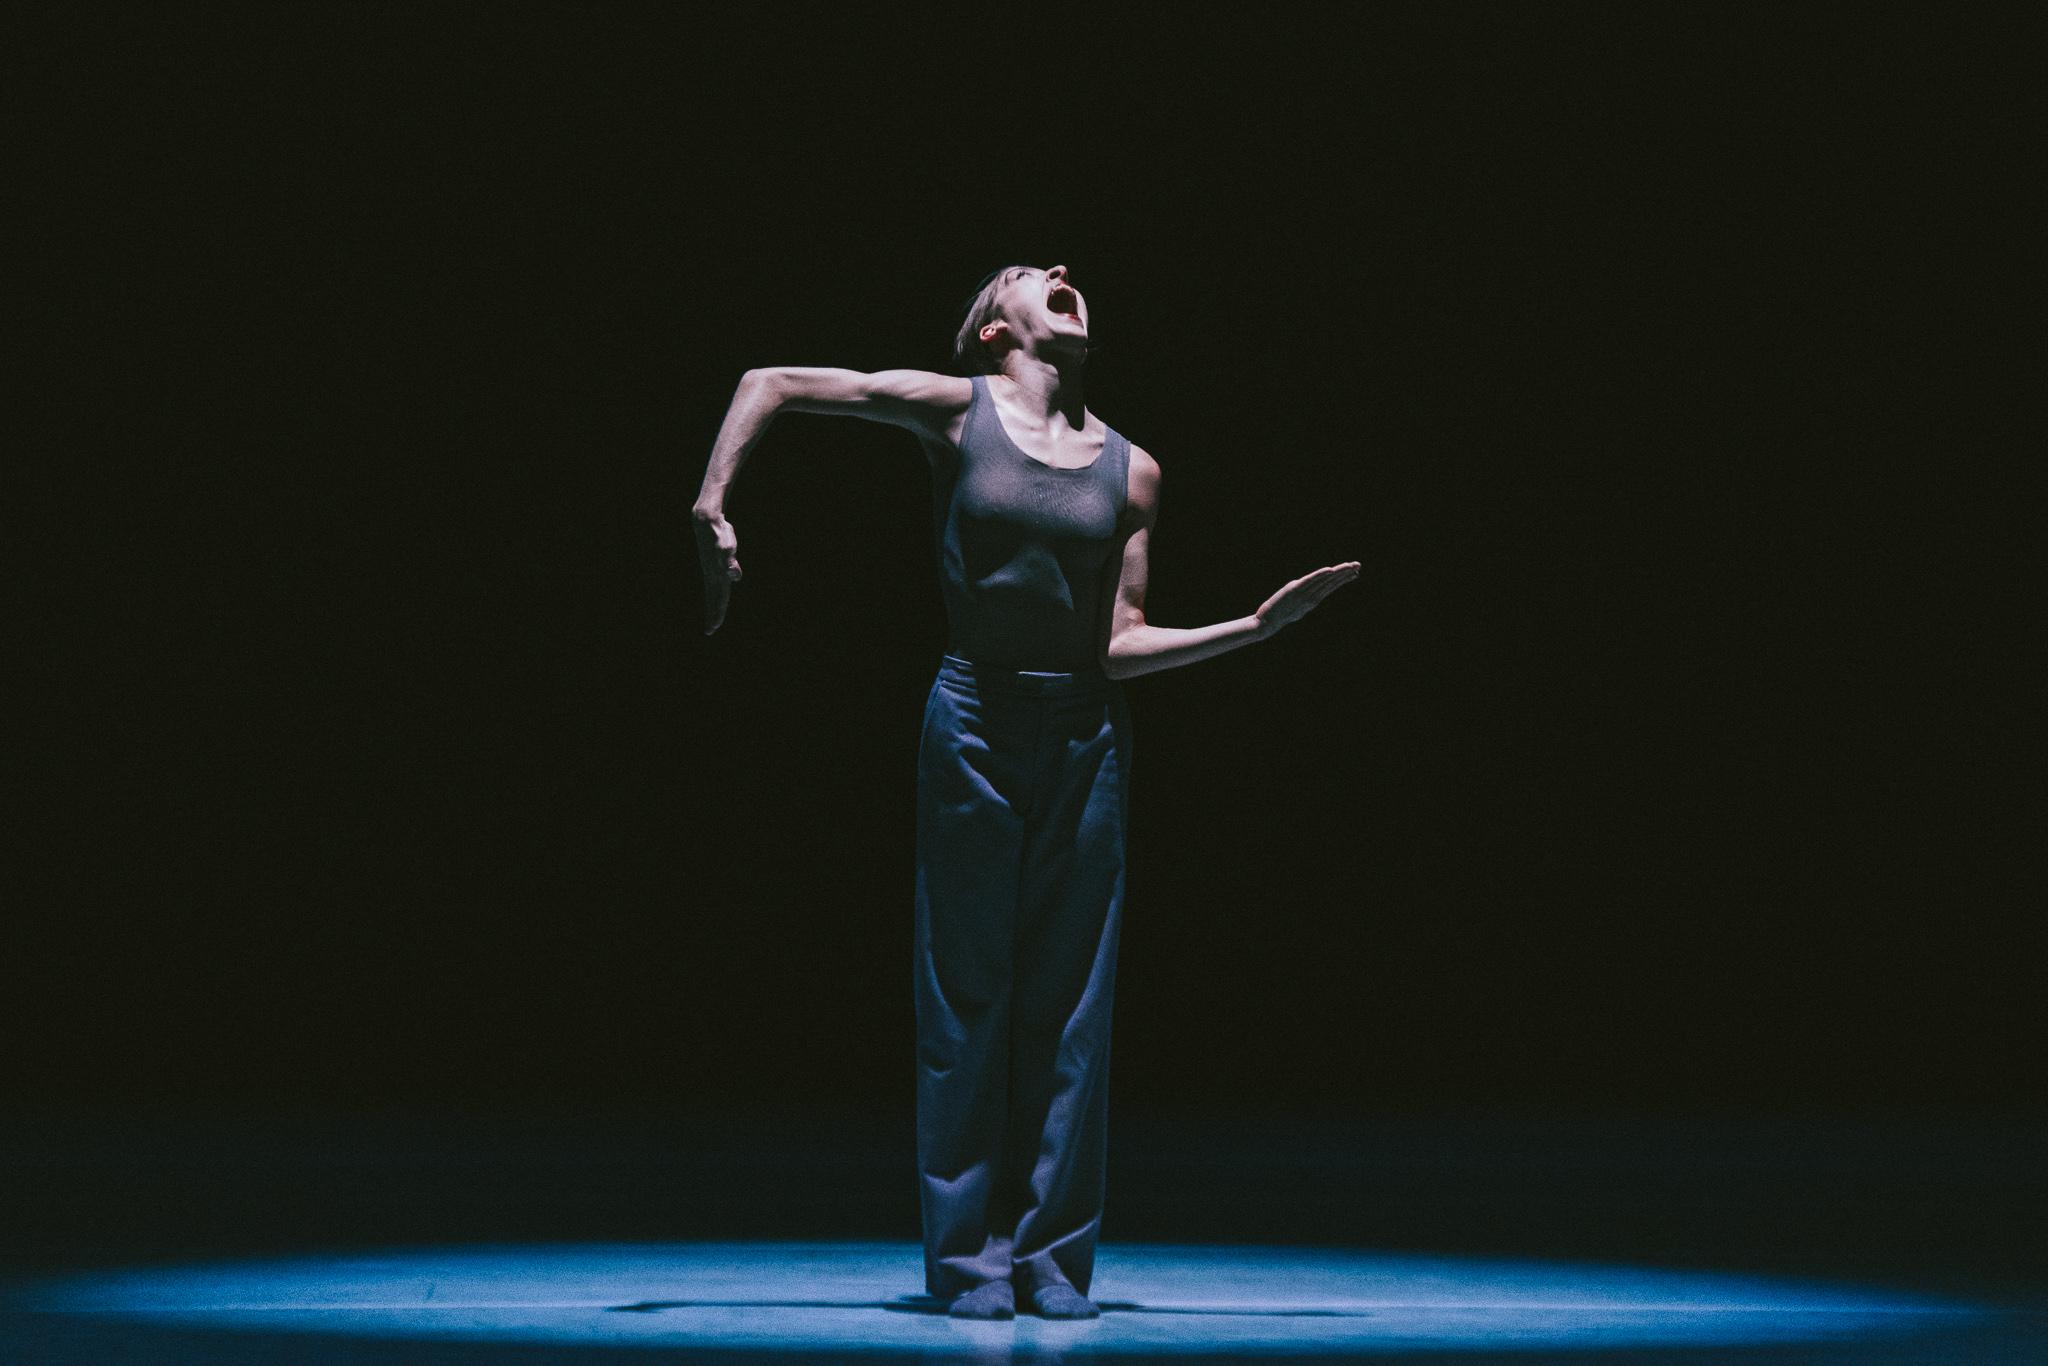 Image of NDT2 Wir sagen uns Dunkles dance photography, fotografia de escena, fotografo de danza, dance photographer, stage photographyby Marco Goecke